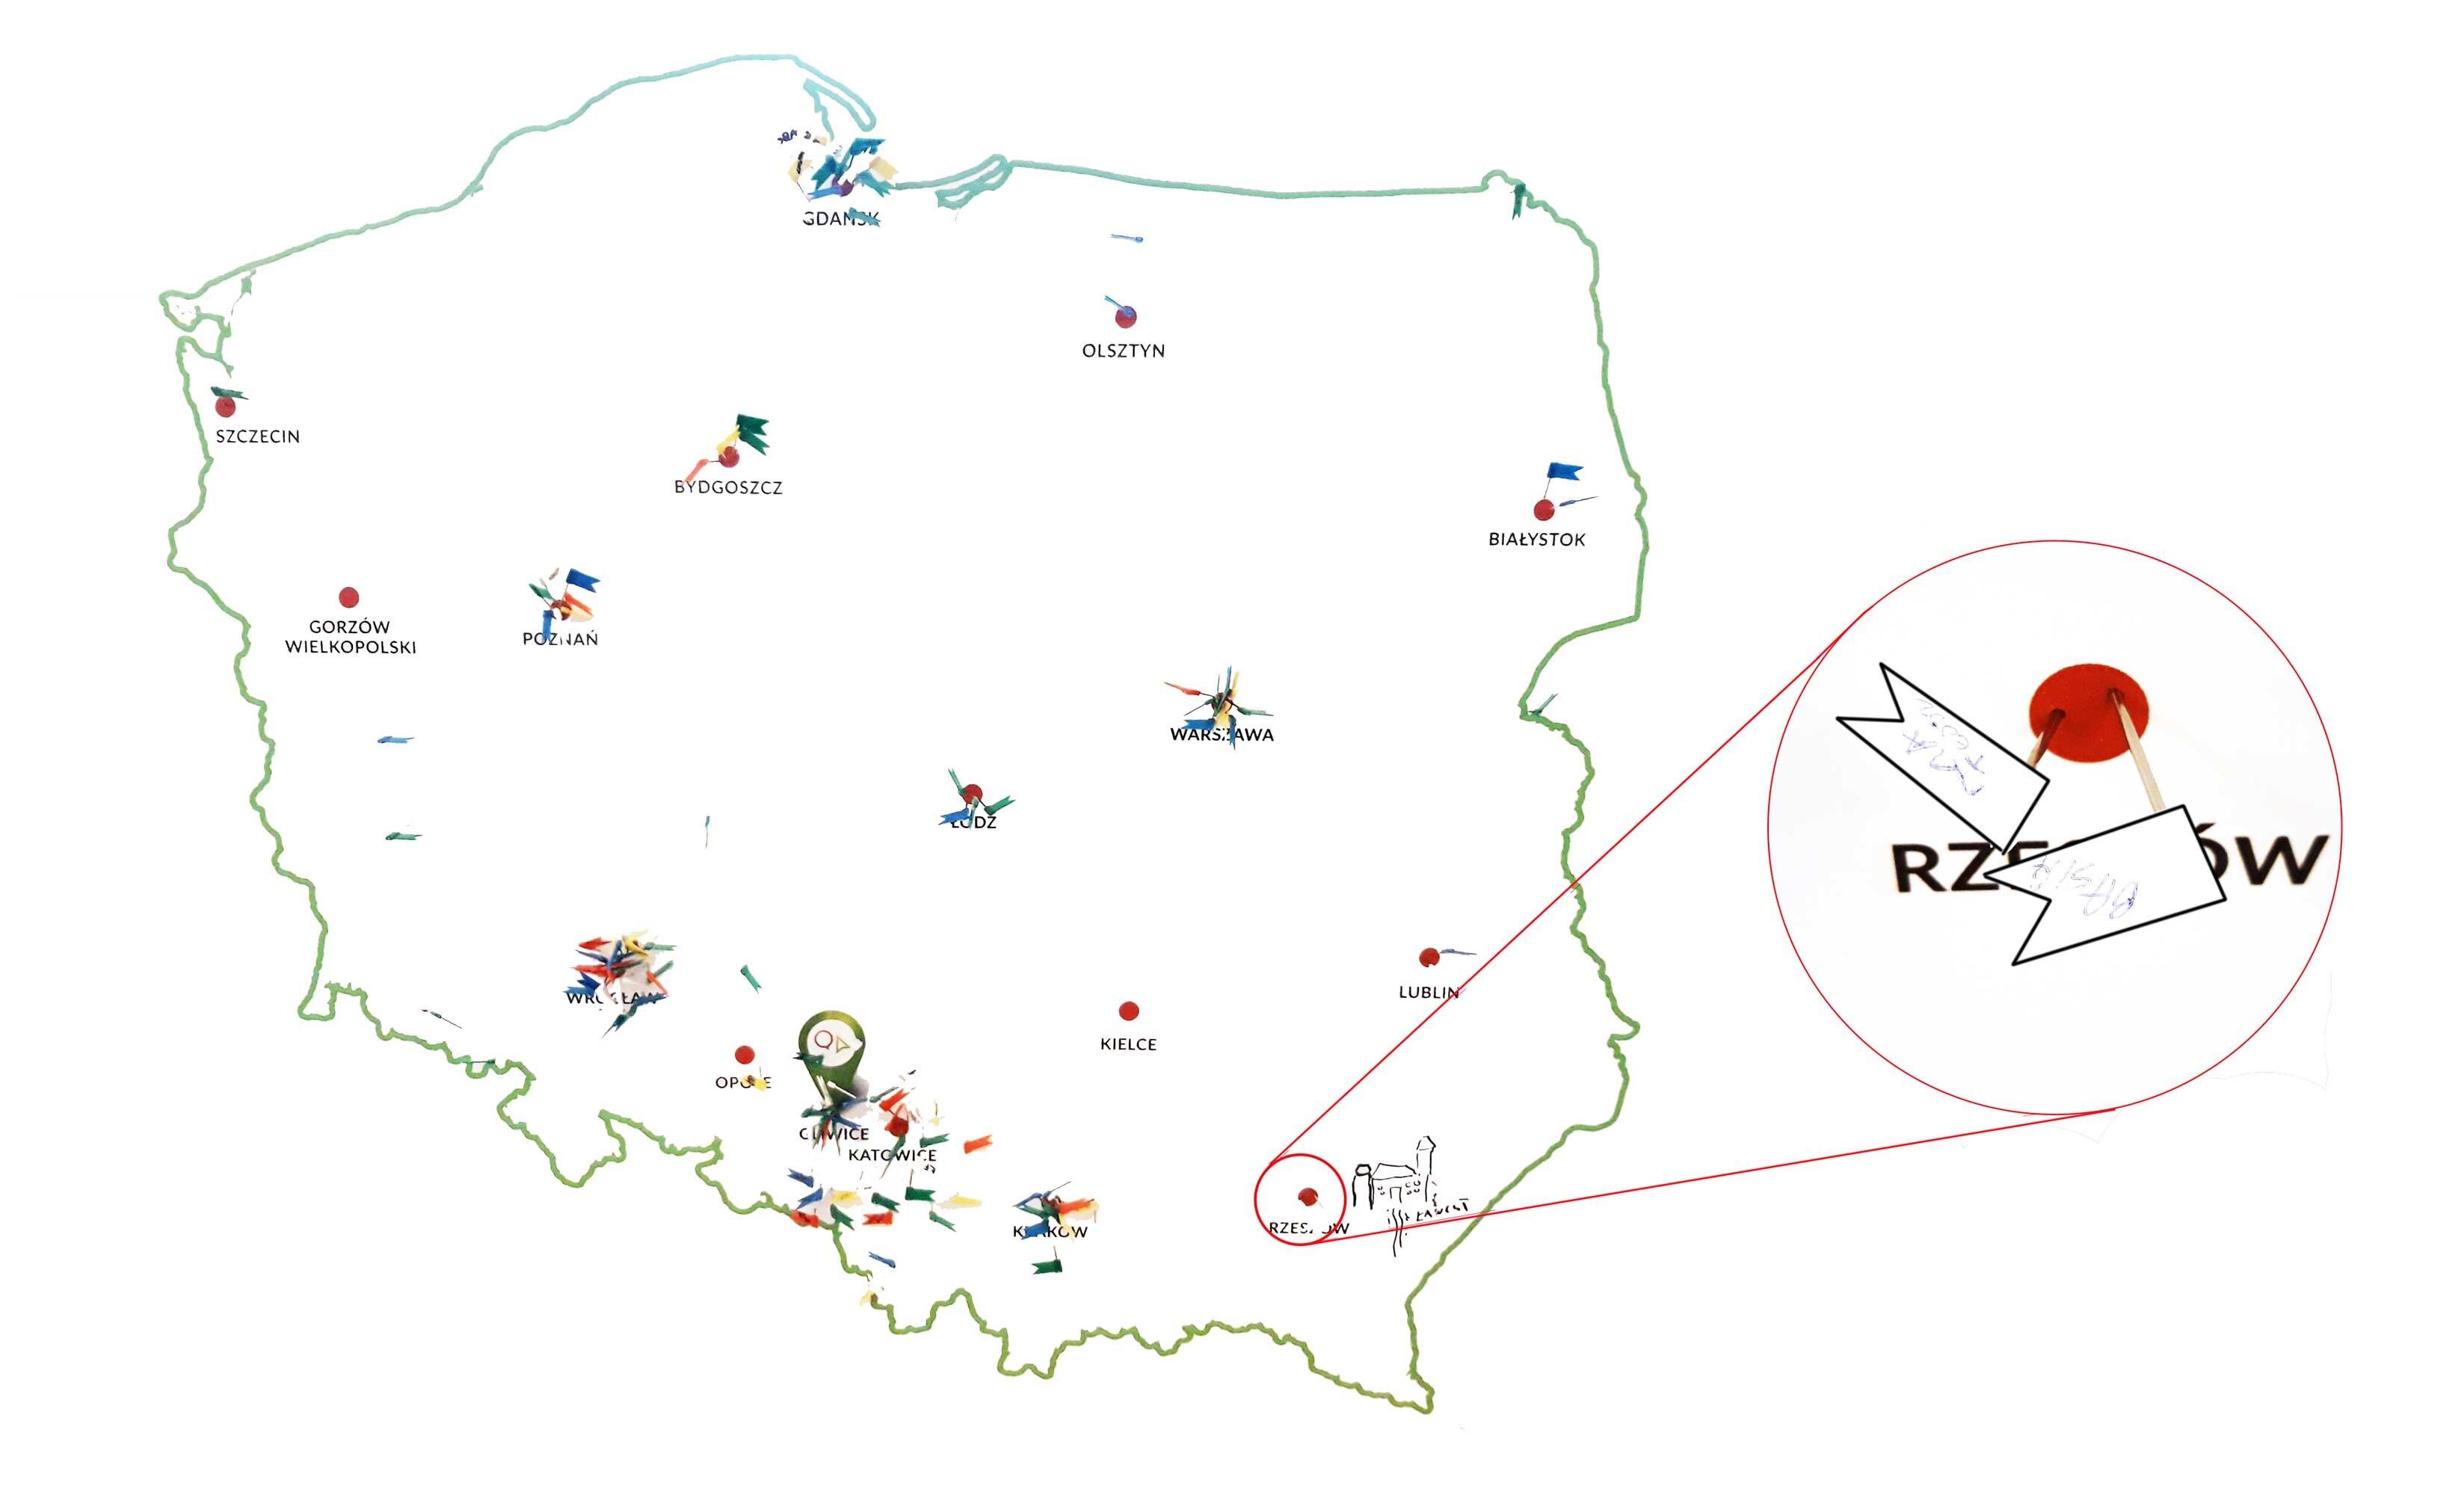 Mapa polski z pineskami ile osób z jakiej części polski dotarło na konferencją. Zoom na Rzeszów z dwoma pineskami.